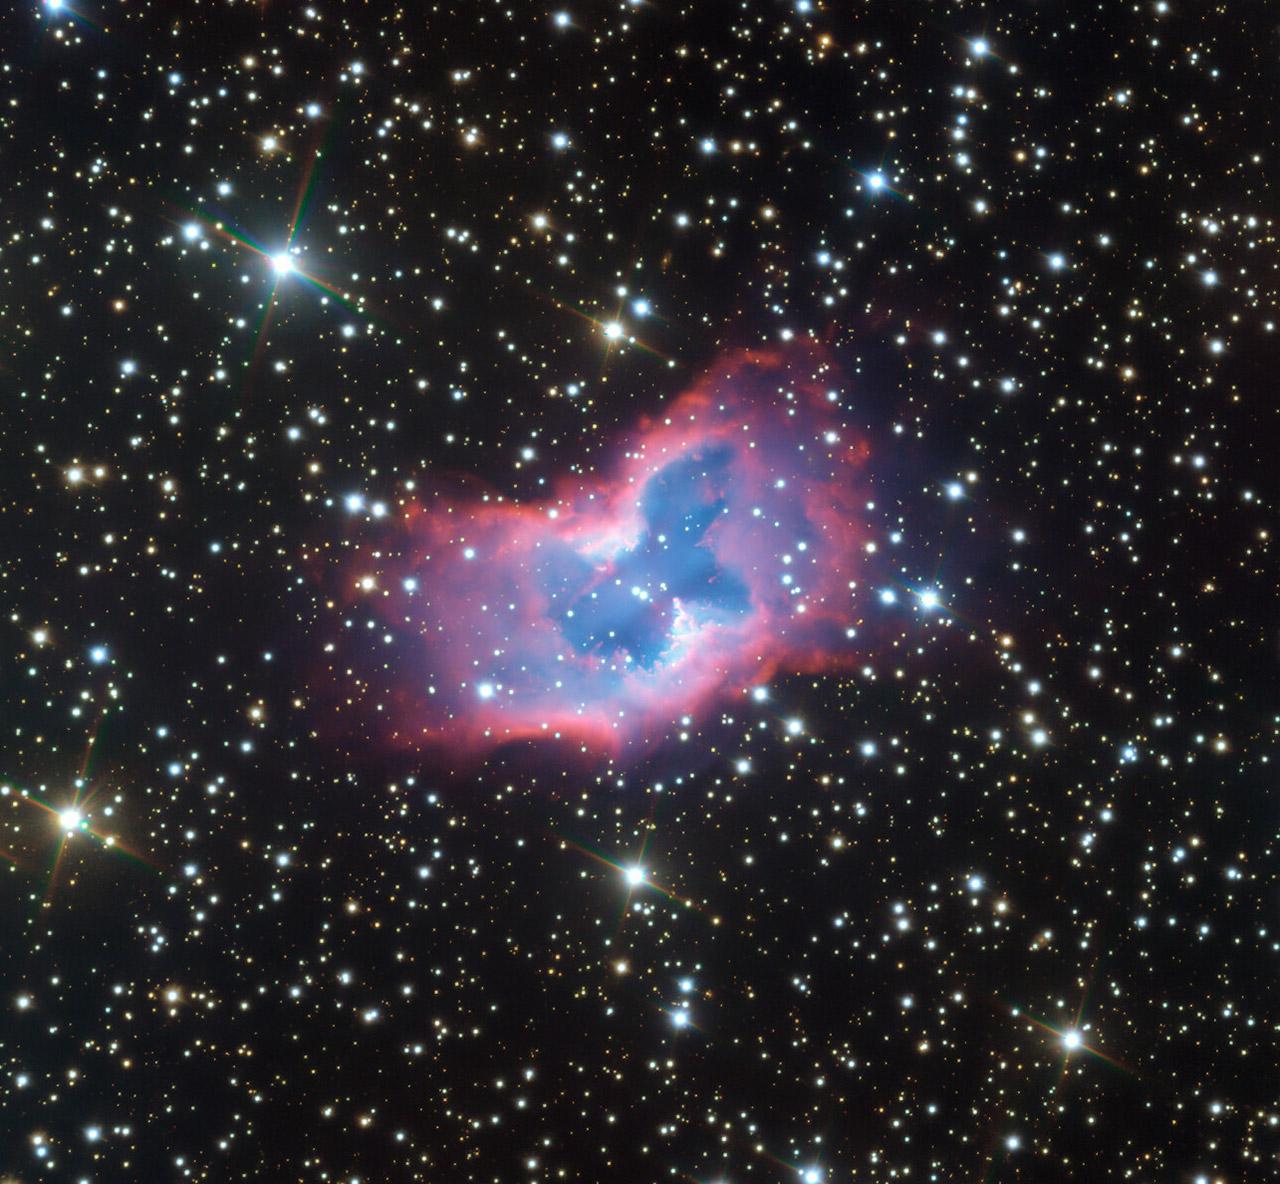 ESO Butterfly NGC 2899 Nebula